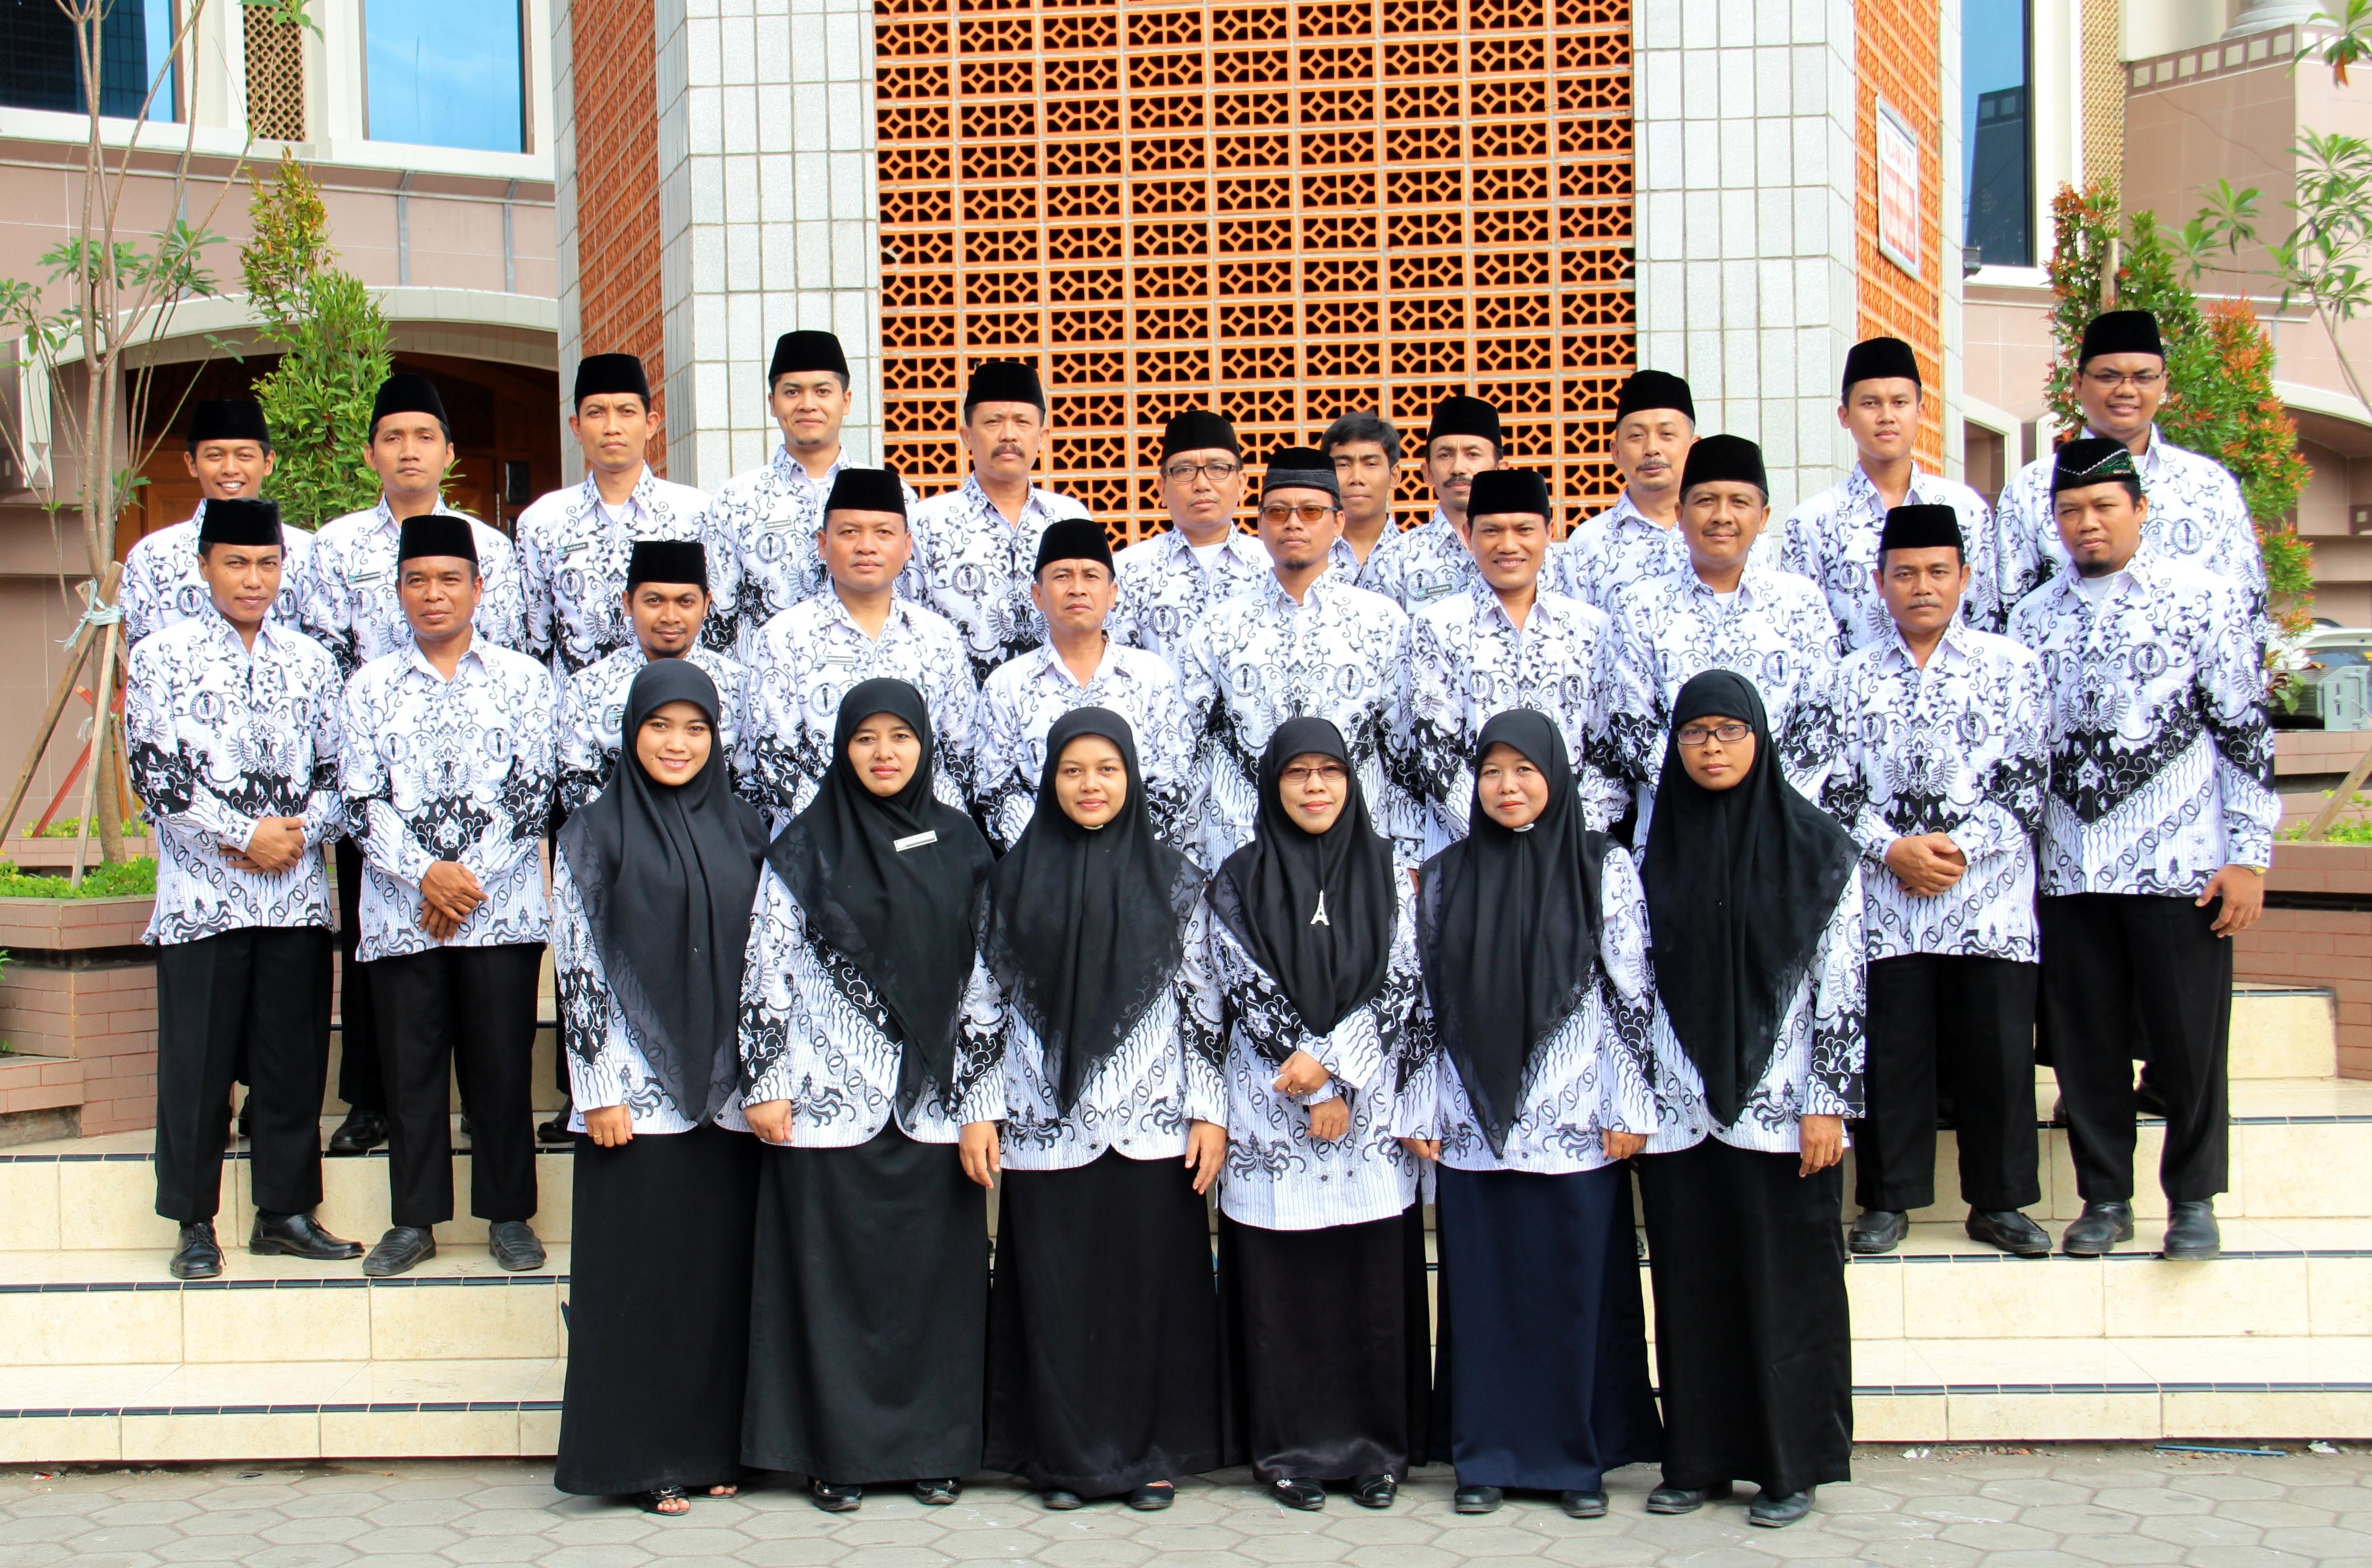 Dewan Guru SMP Budi Utomo Perak